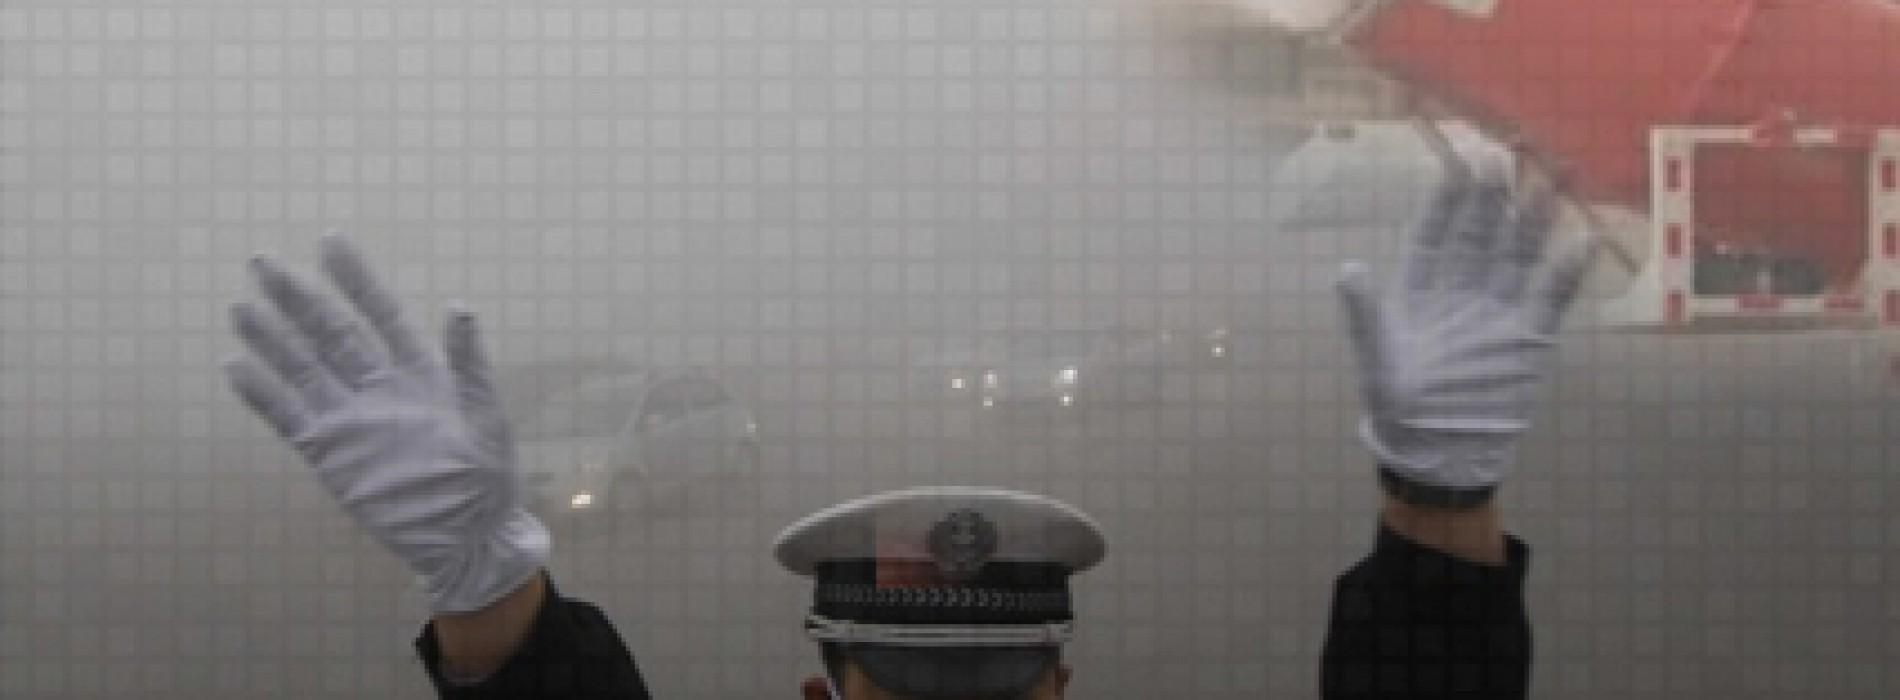 الصين تنشر مدافع مائية بالشوارع لتخفيف التلوث